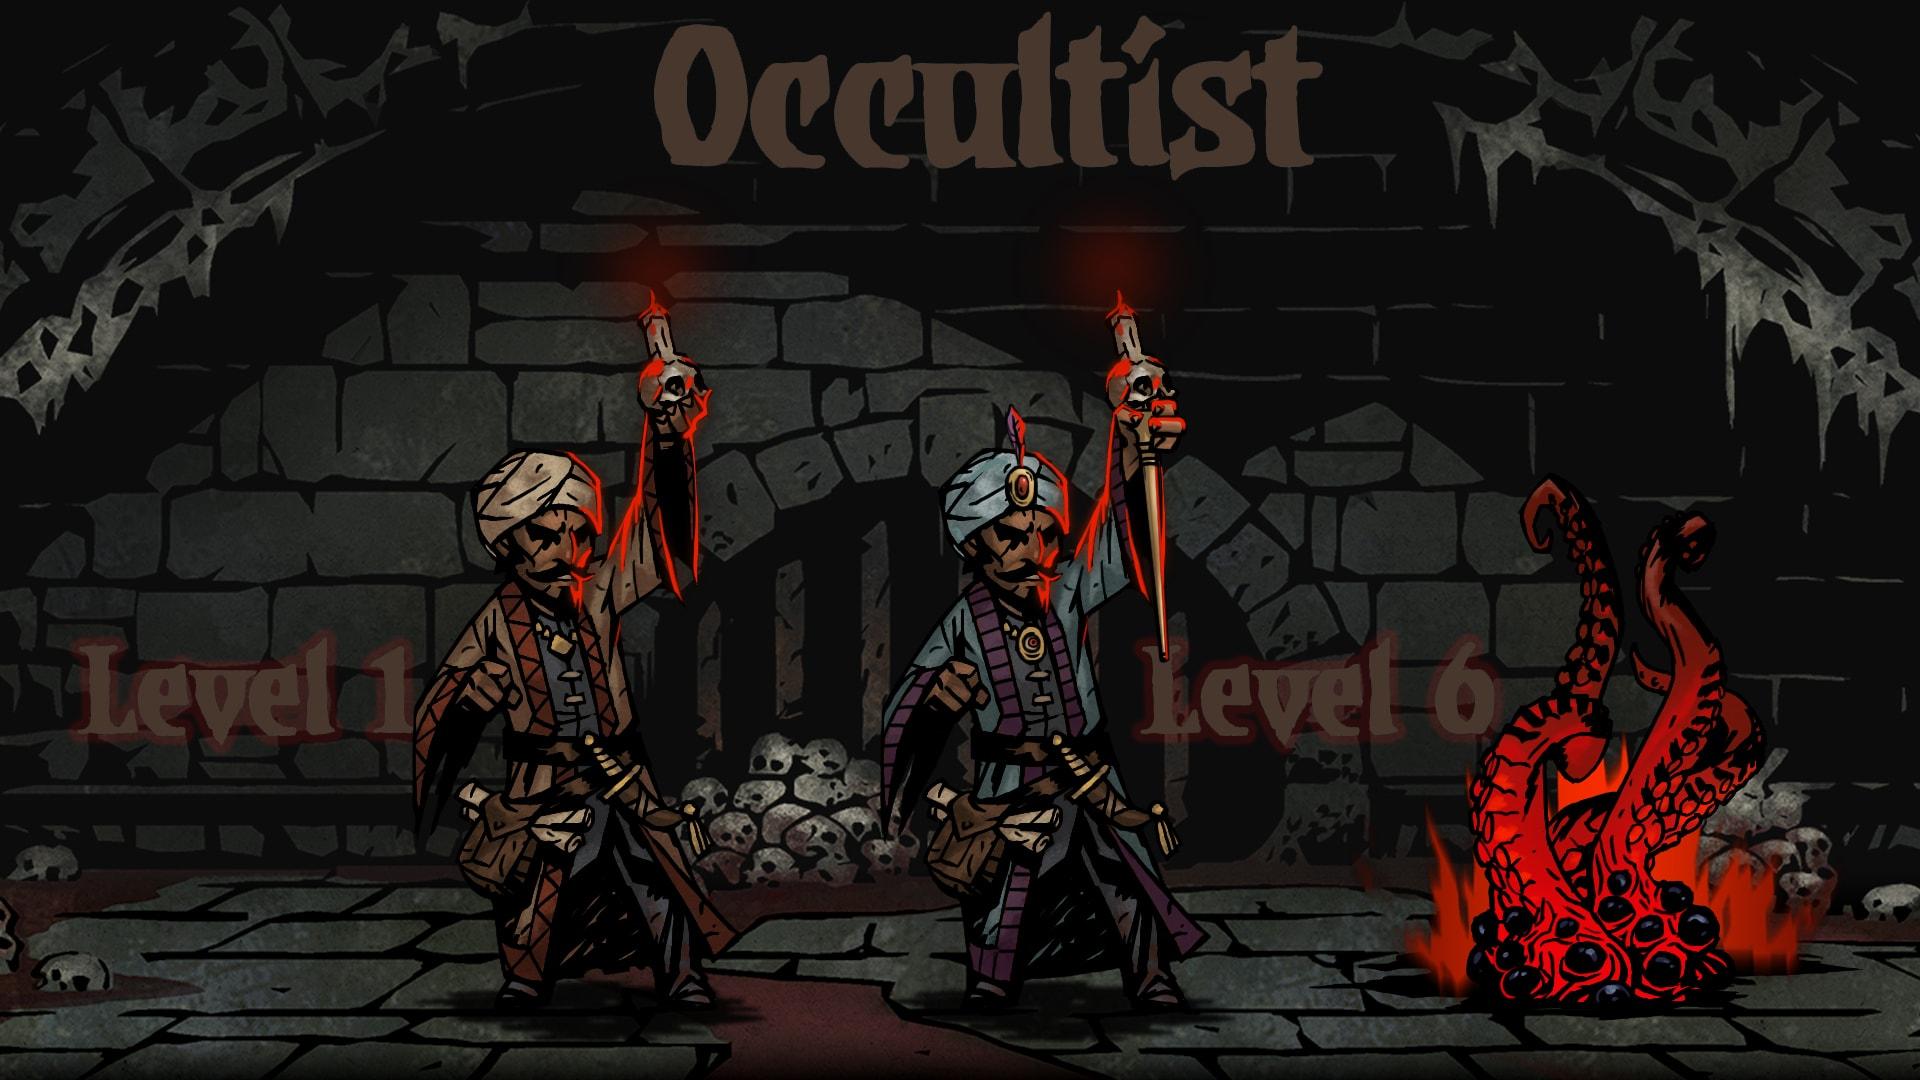 Darkest Dungeon: Occultist Desktop wallpapers